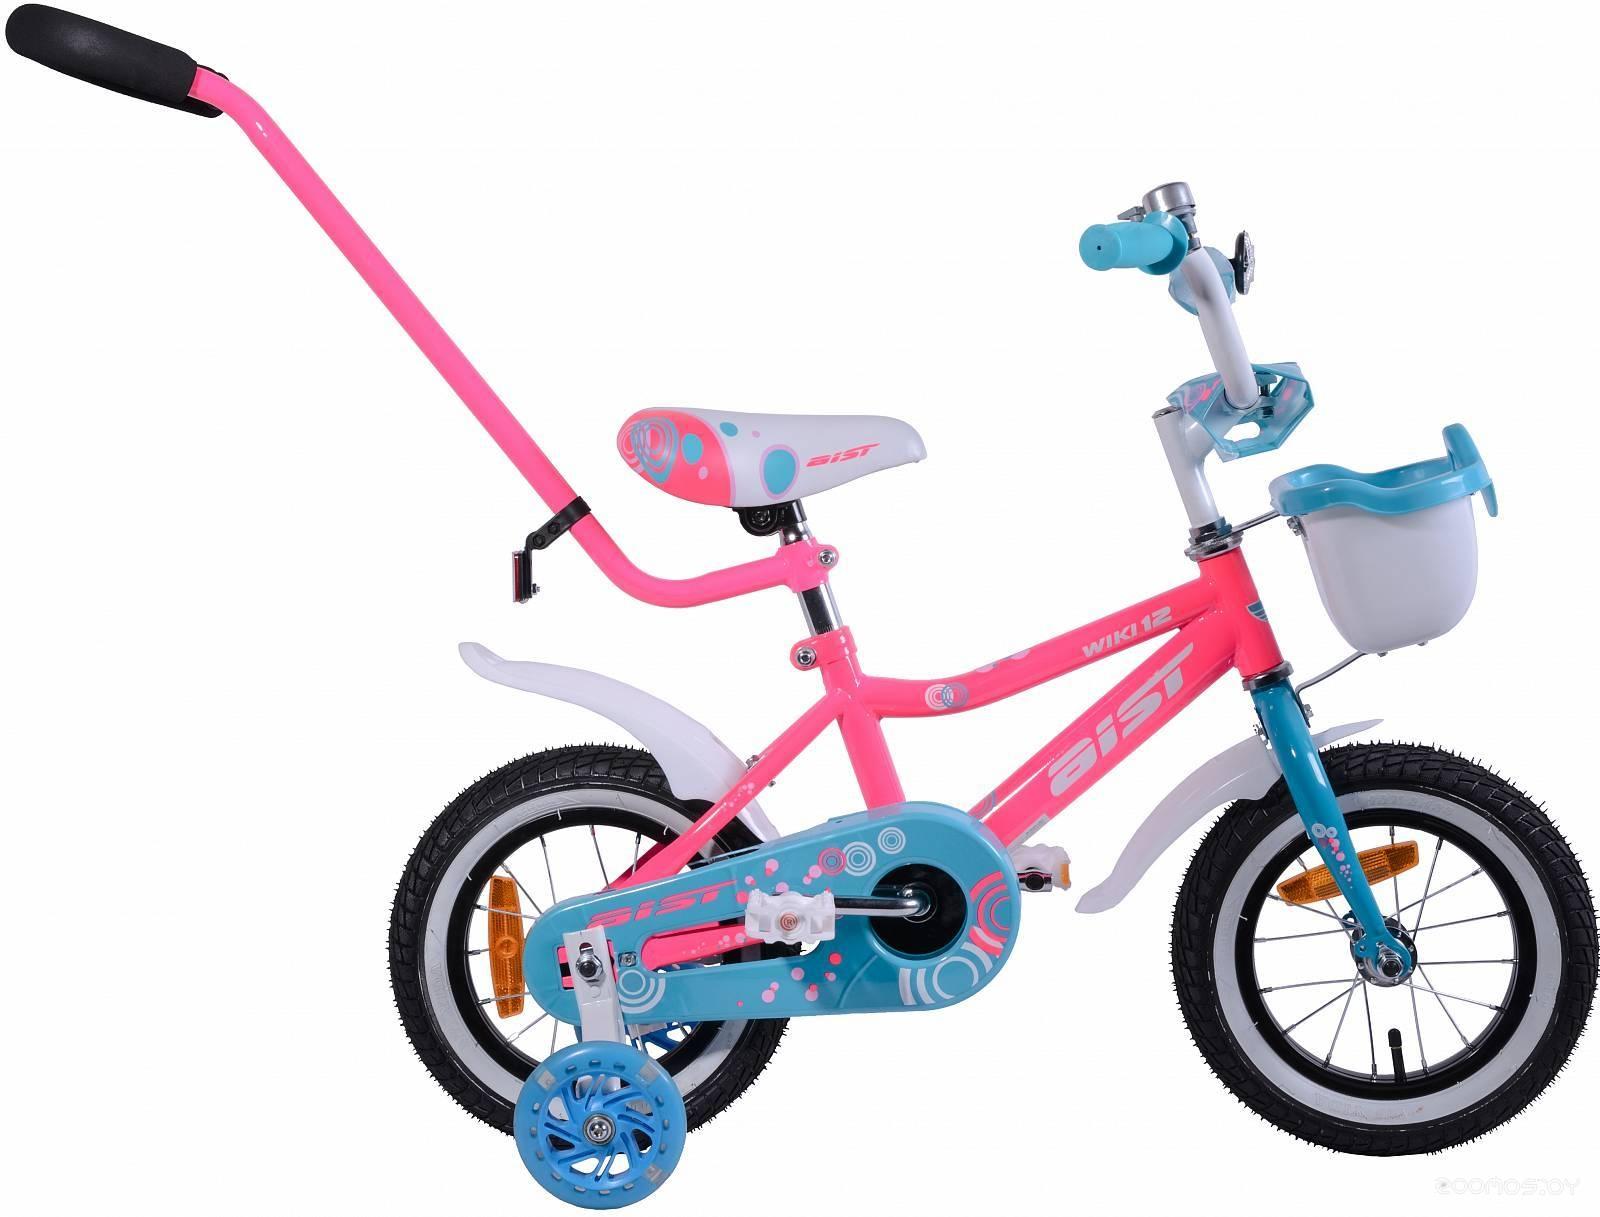 Детский велосипед Aist Wiki 12 (розовый/бирюзовый, 2019)